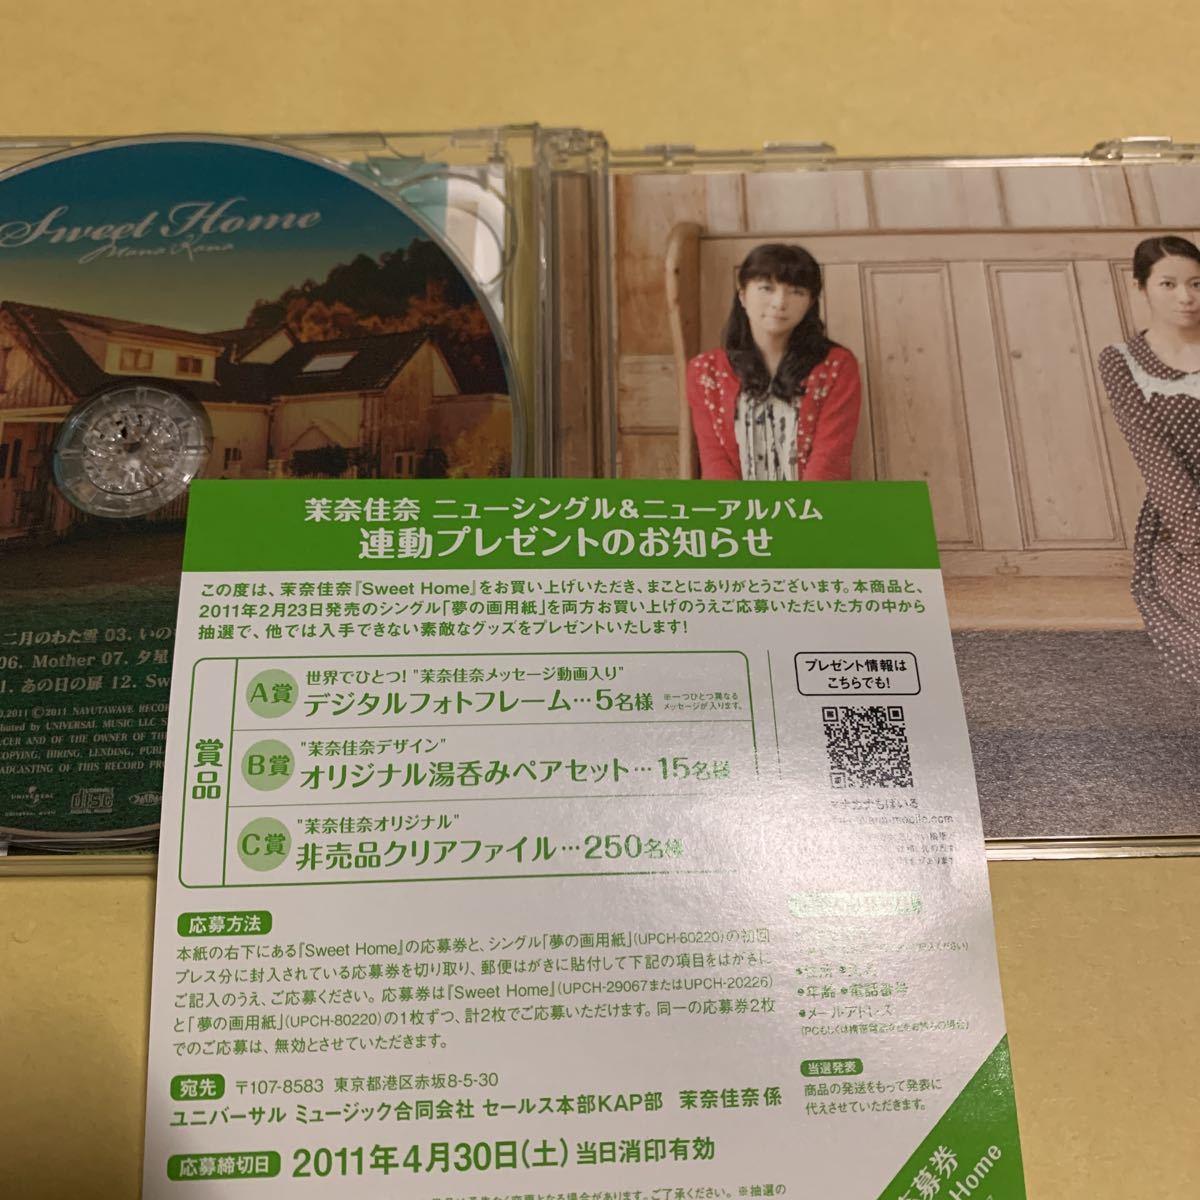 ☆帯付☆美品☆ 茉奈佳奈 / Sweet Home 初回限定盤 CD+DVD_画像4